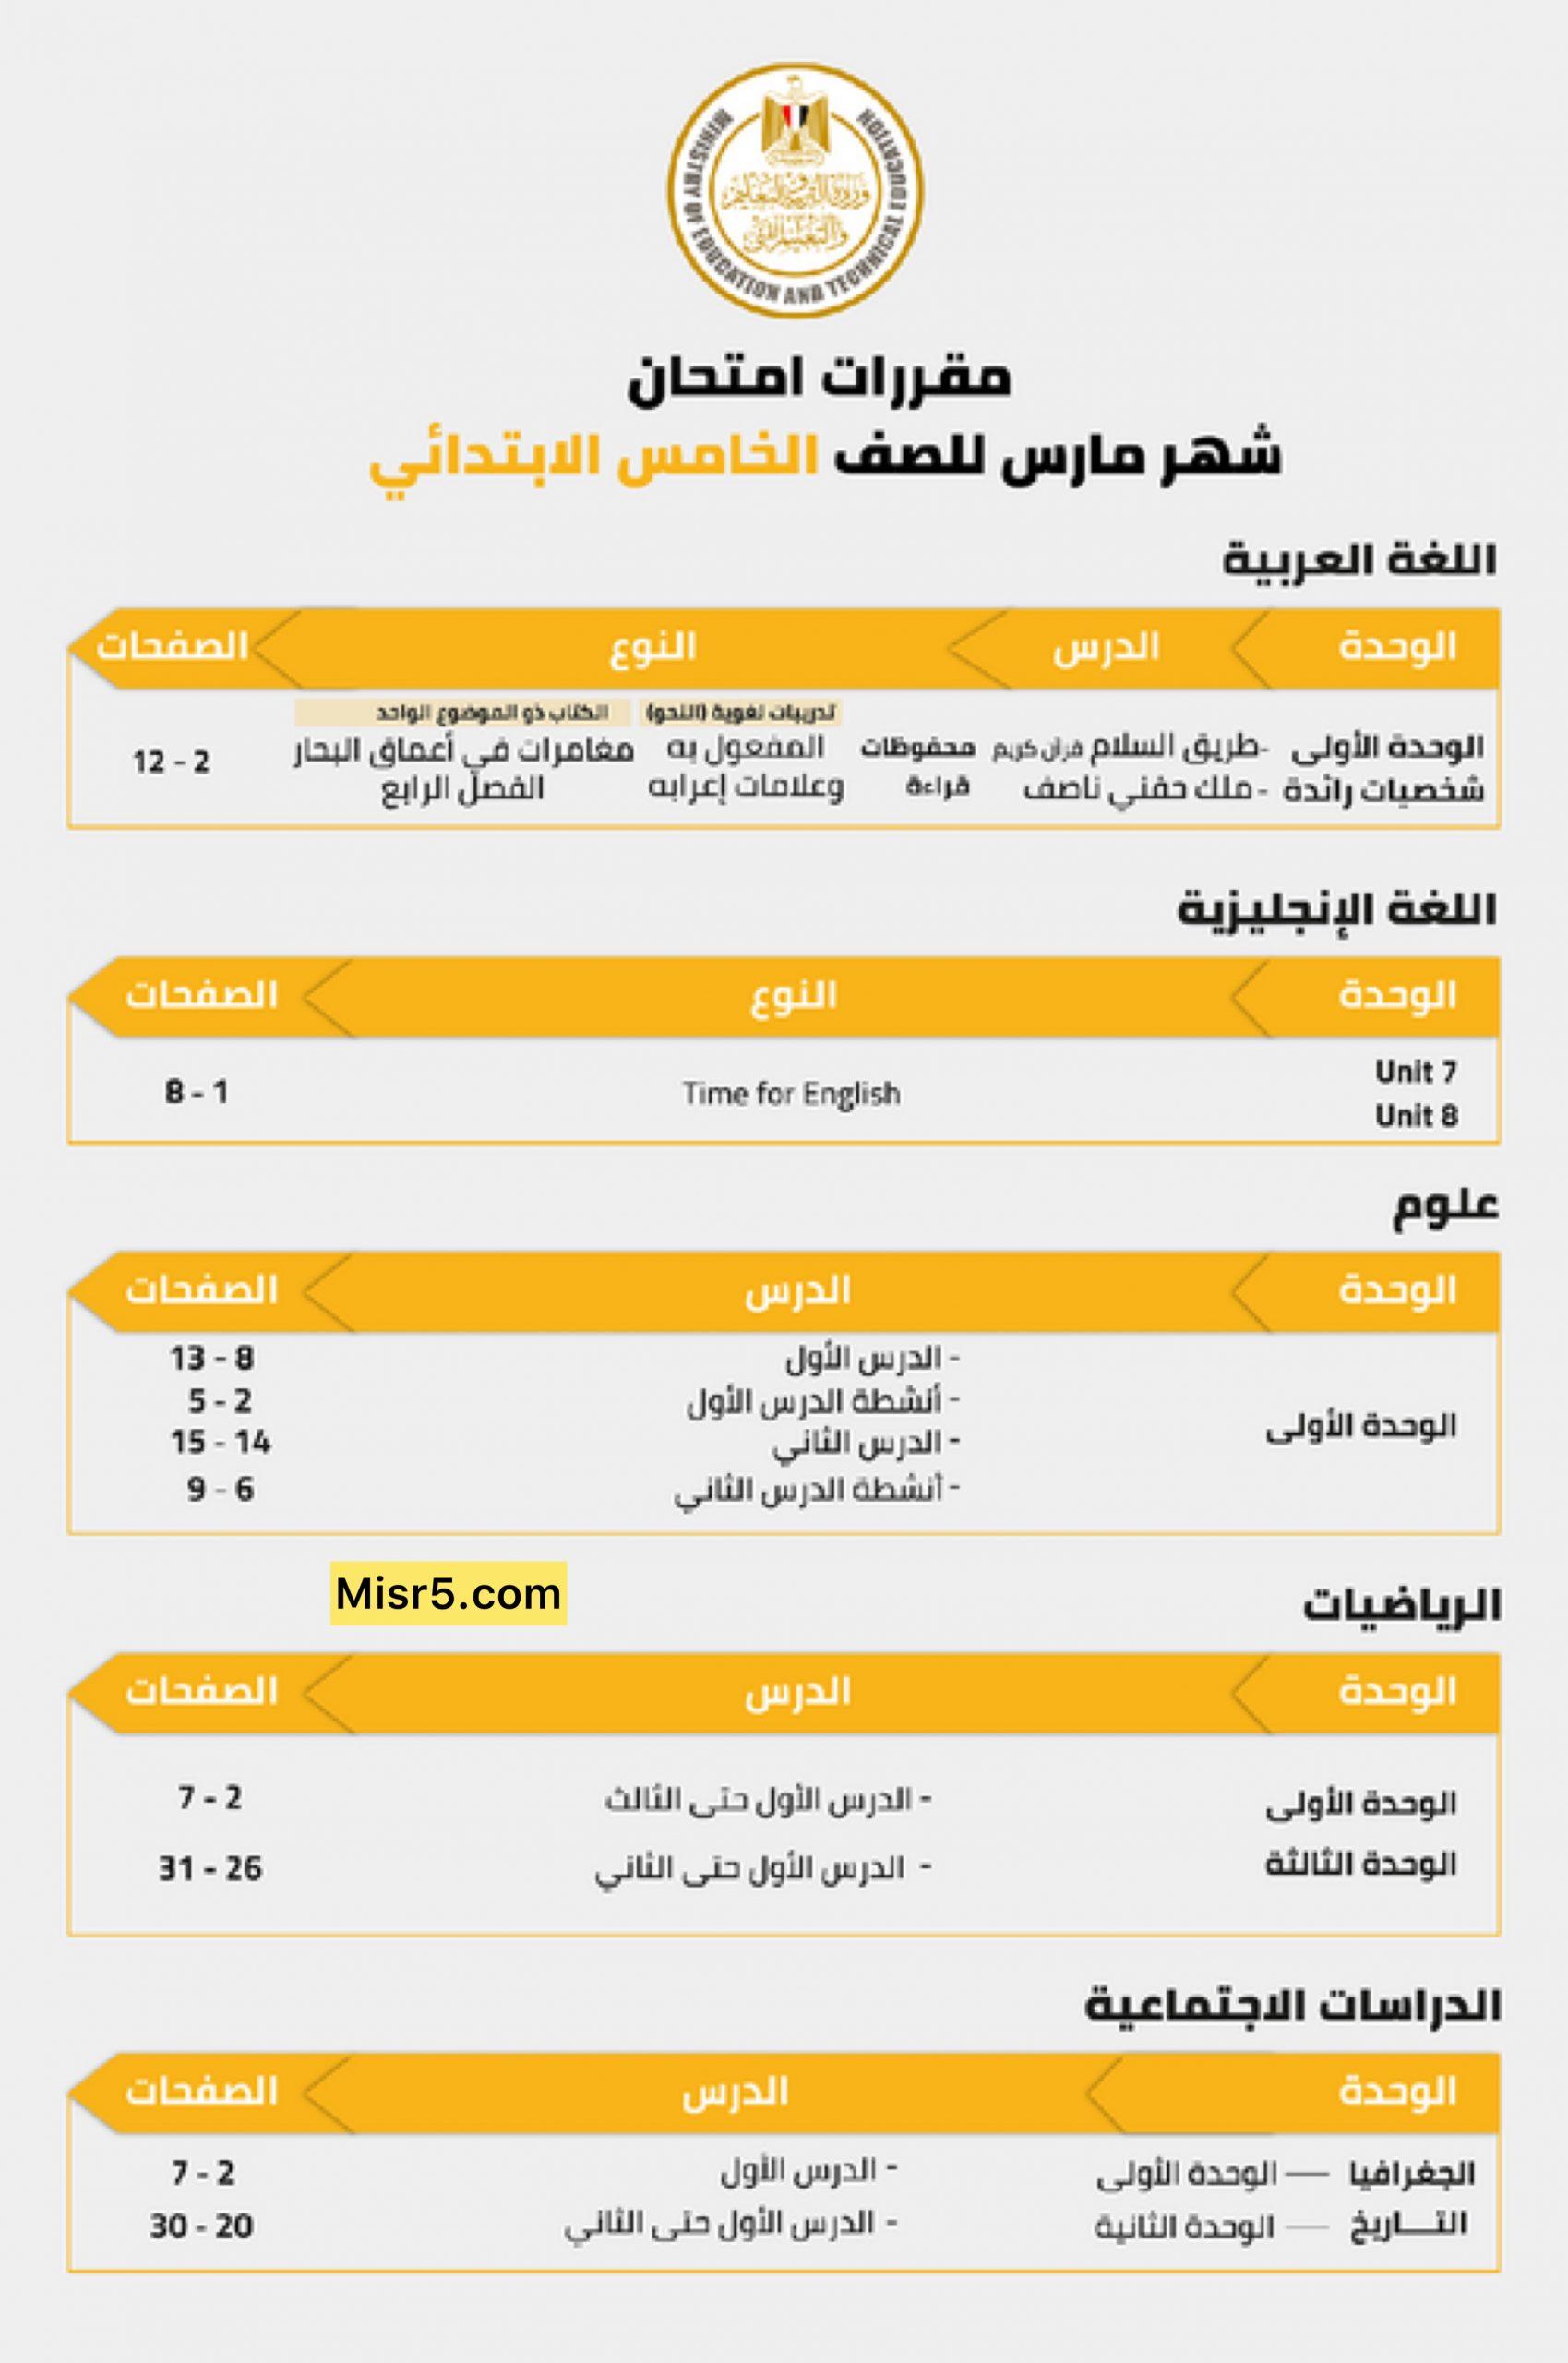 عاجل وزارة التربية والتعليم | تعلن مقررات مراحل الإبتدائية والإعدادية لشهر مارس 2